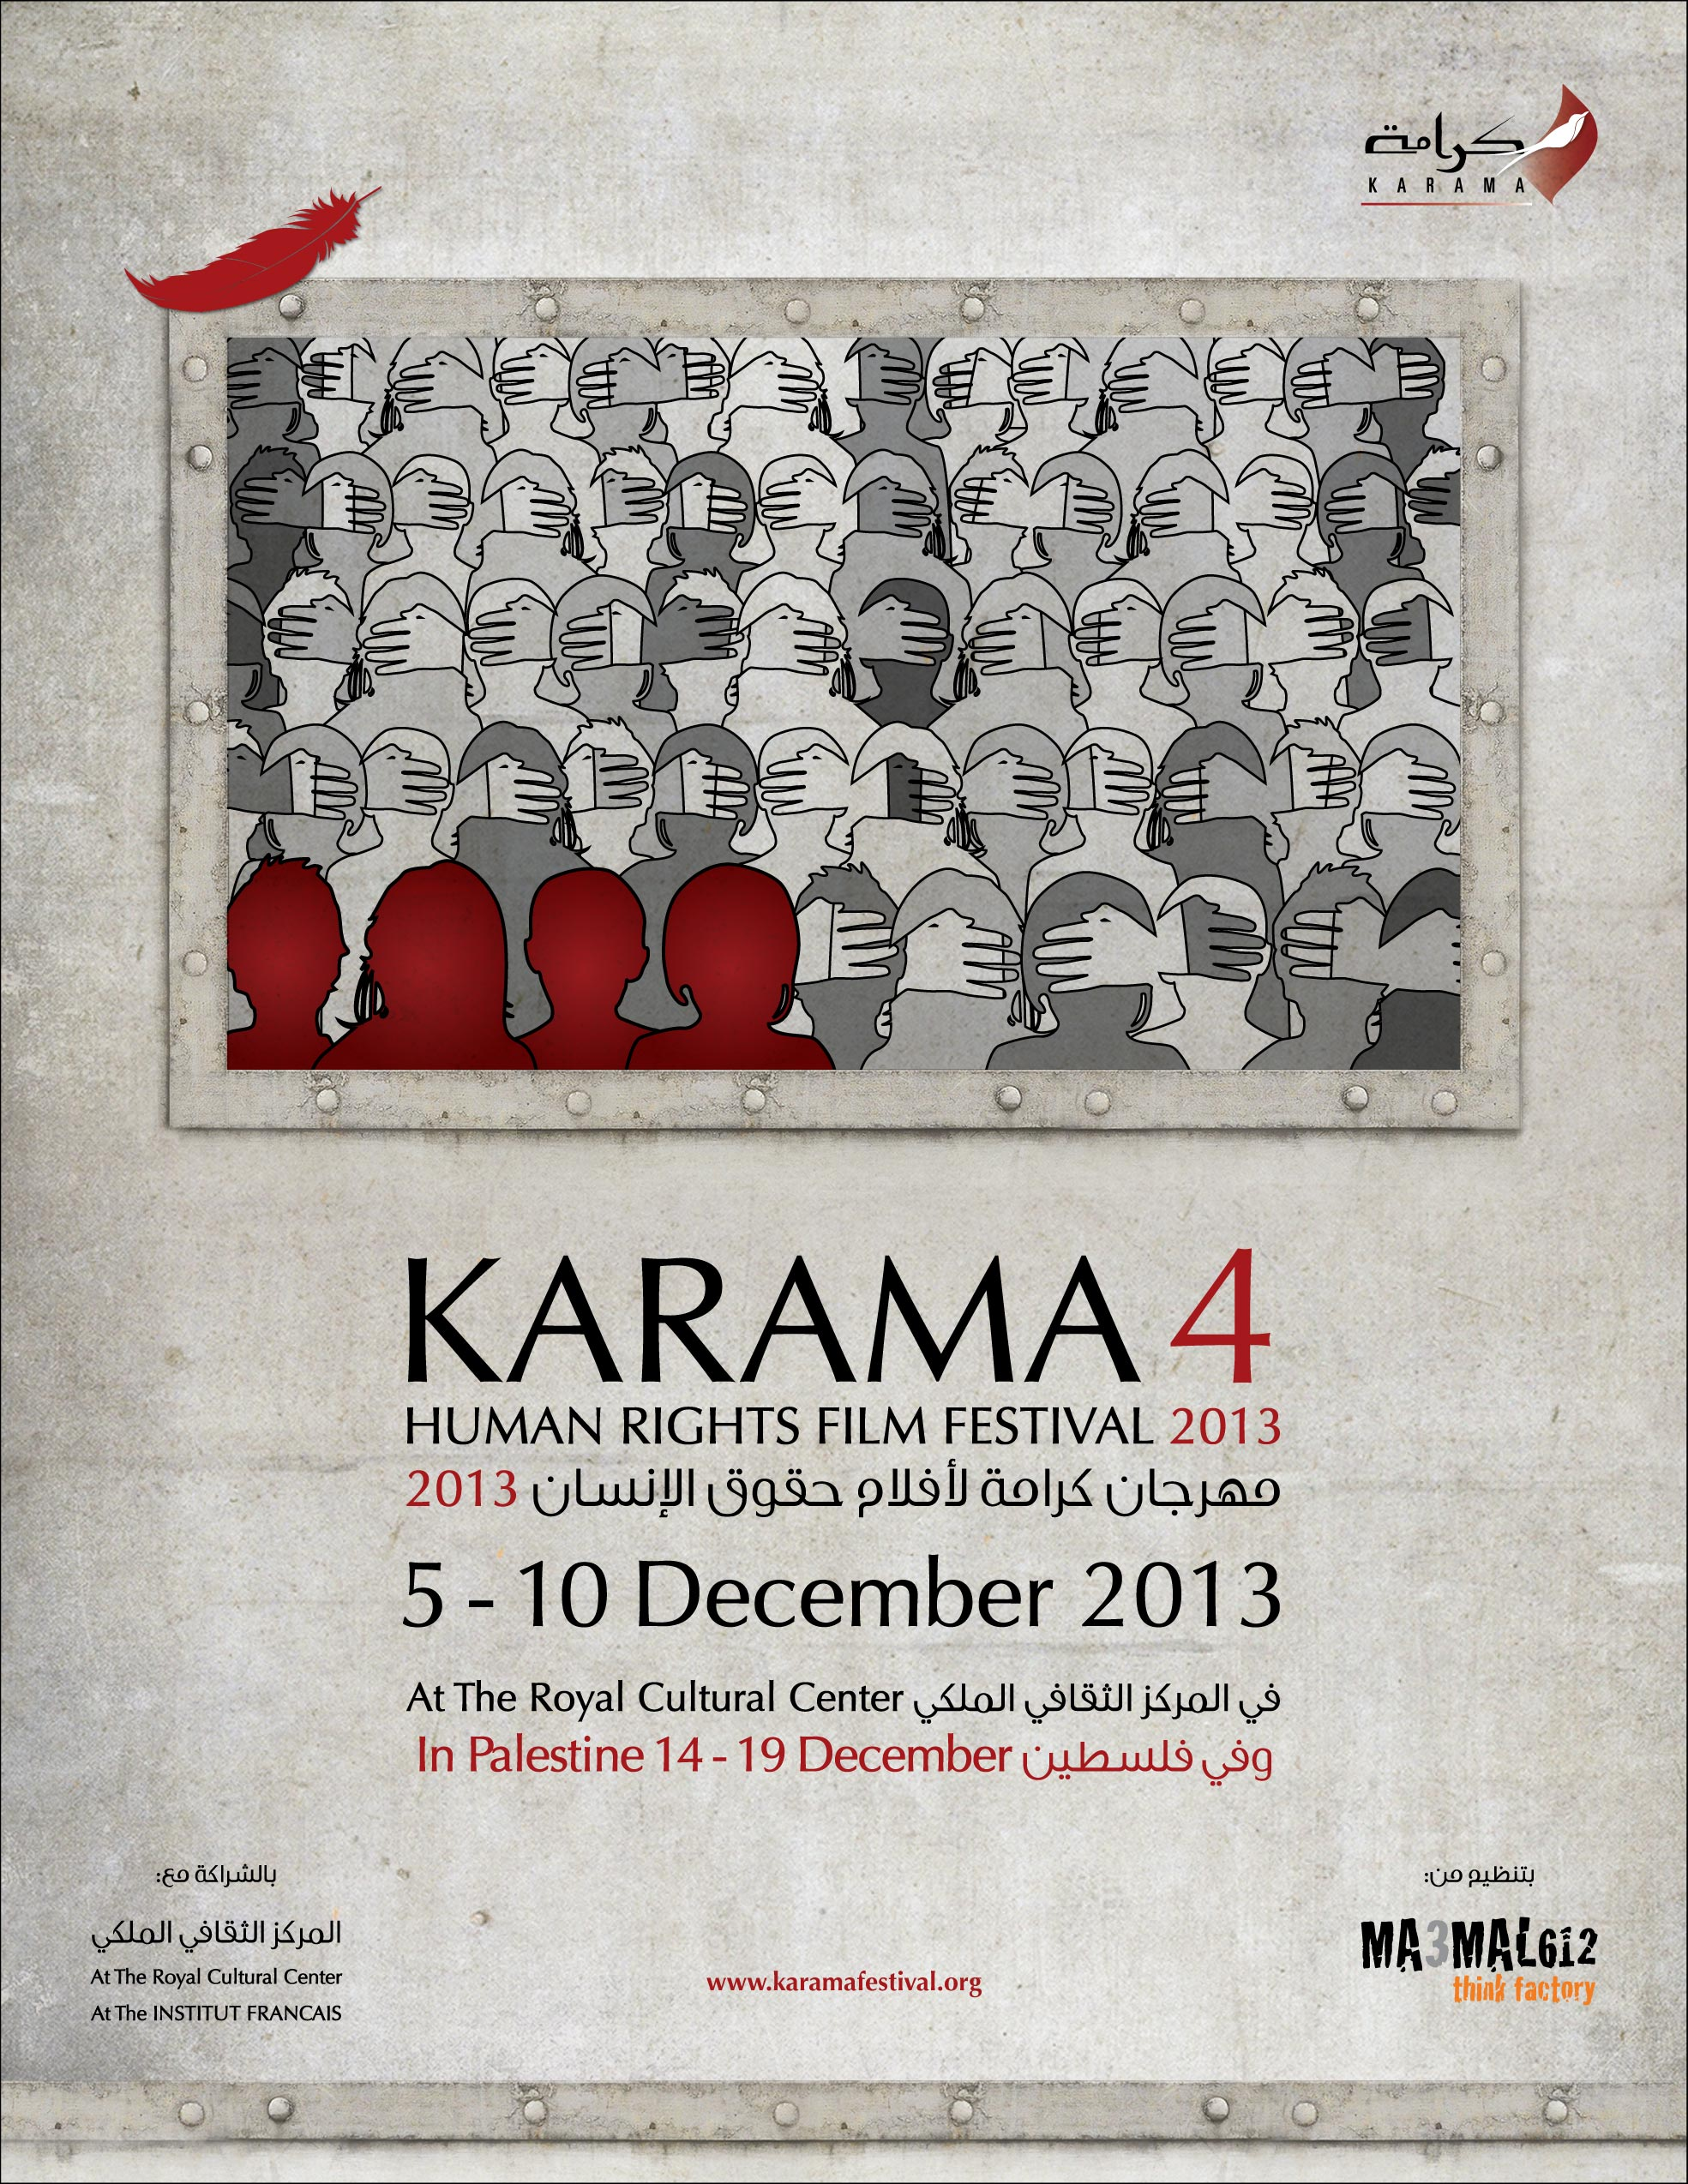 karama4